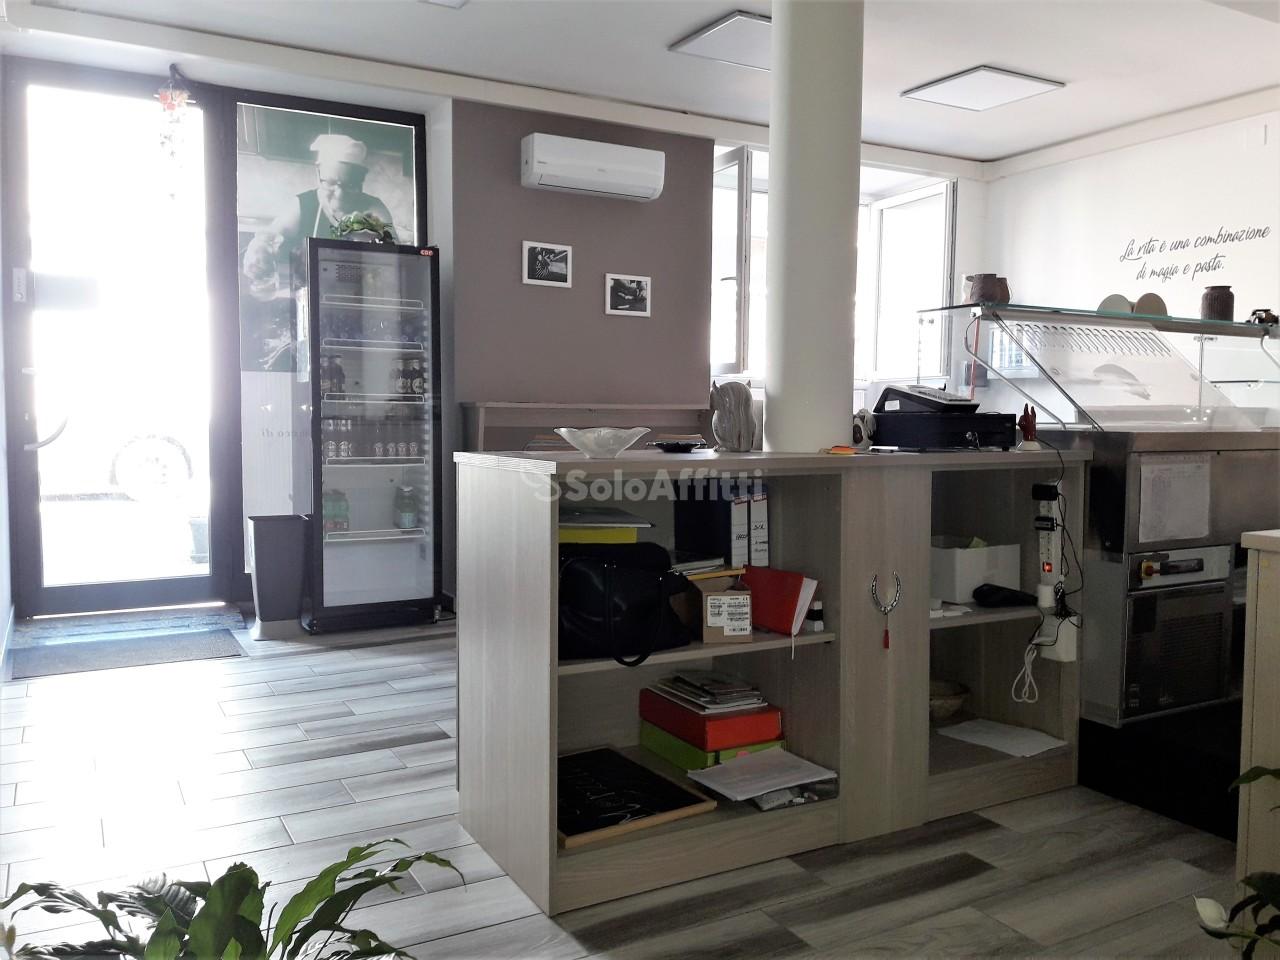 Fondo/negozio - 3 vetrine/luci a Lido Corso, Catanzaro Rif. 11077243